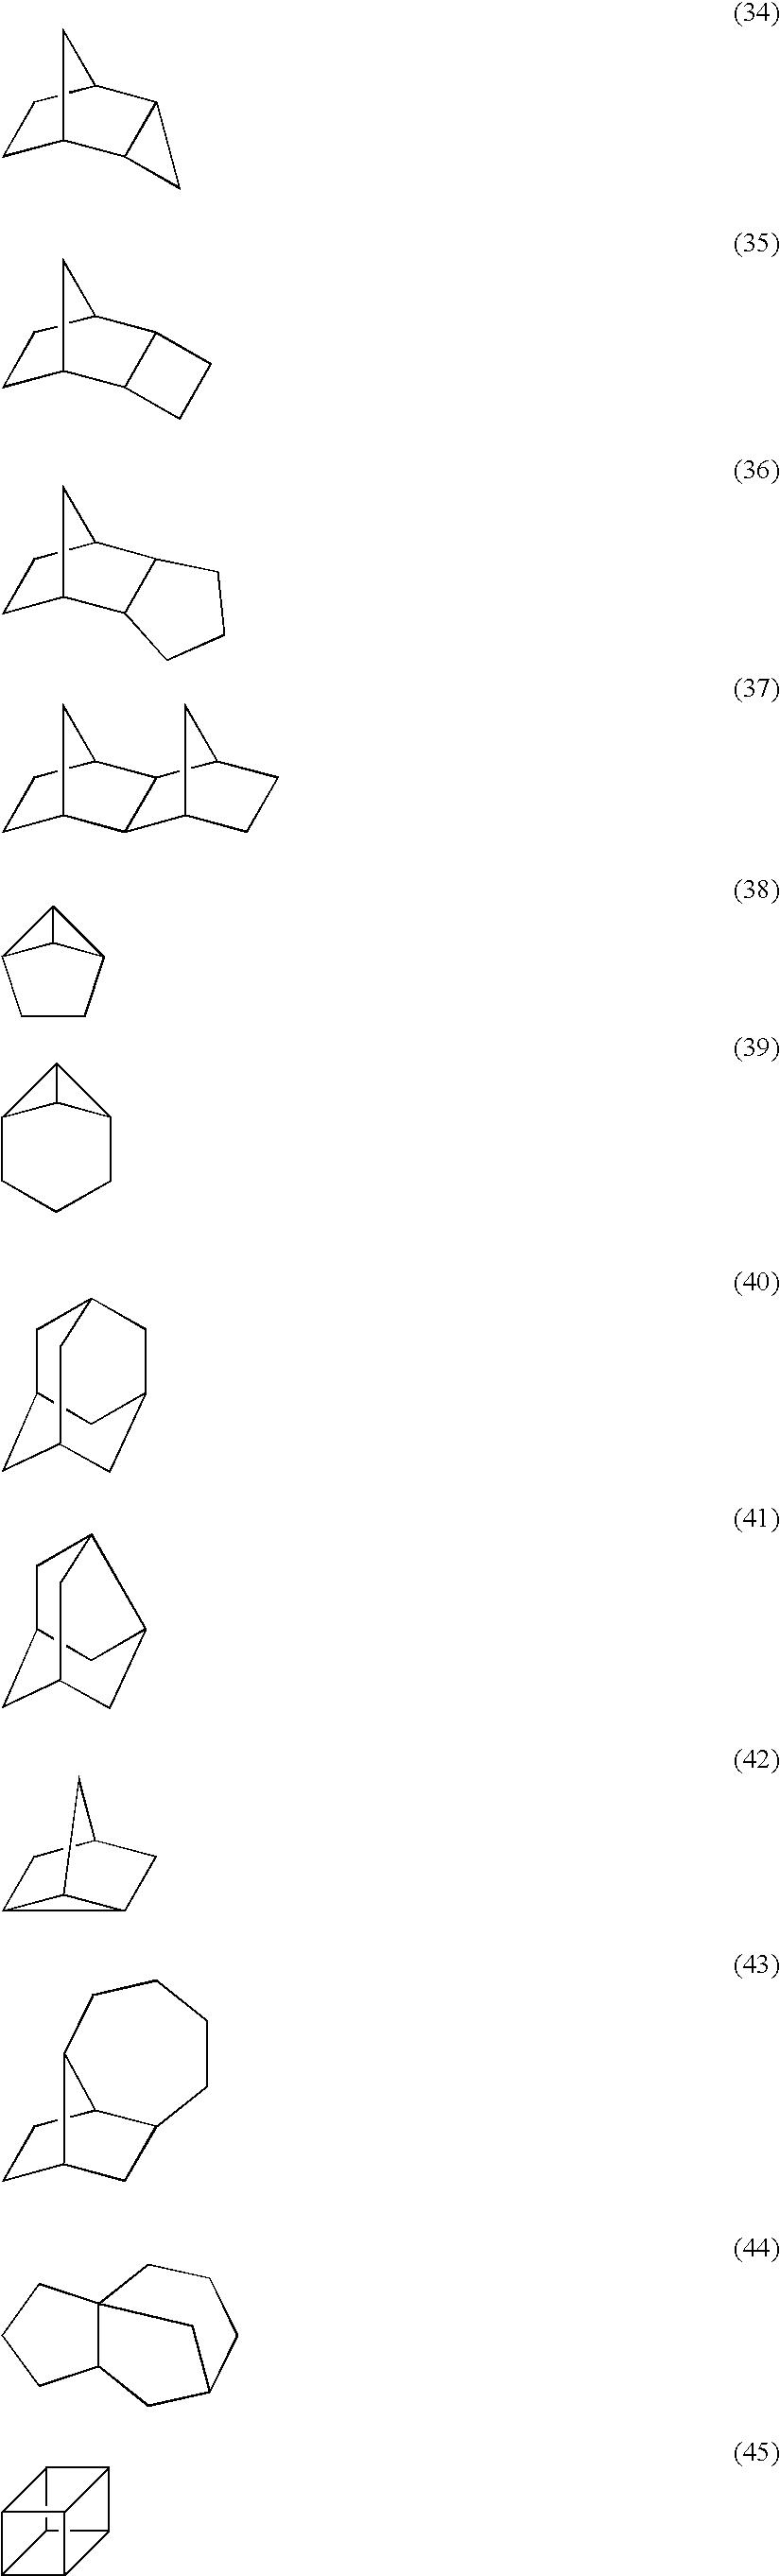 Figure US20070003871A1-20070104-C00062